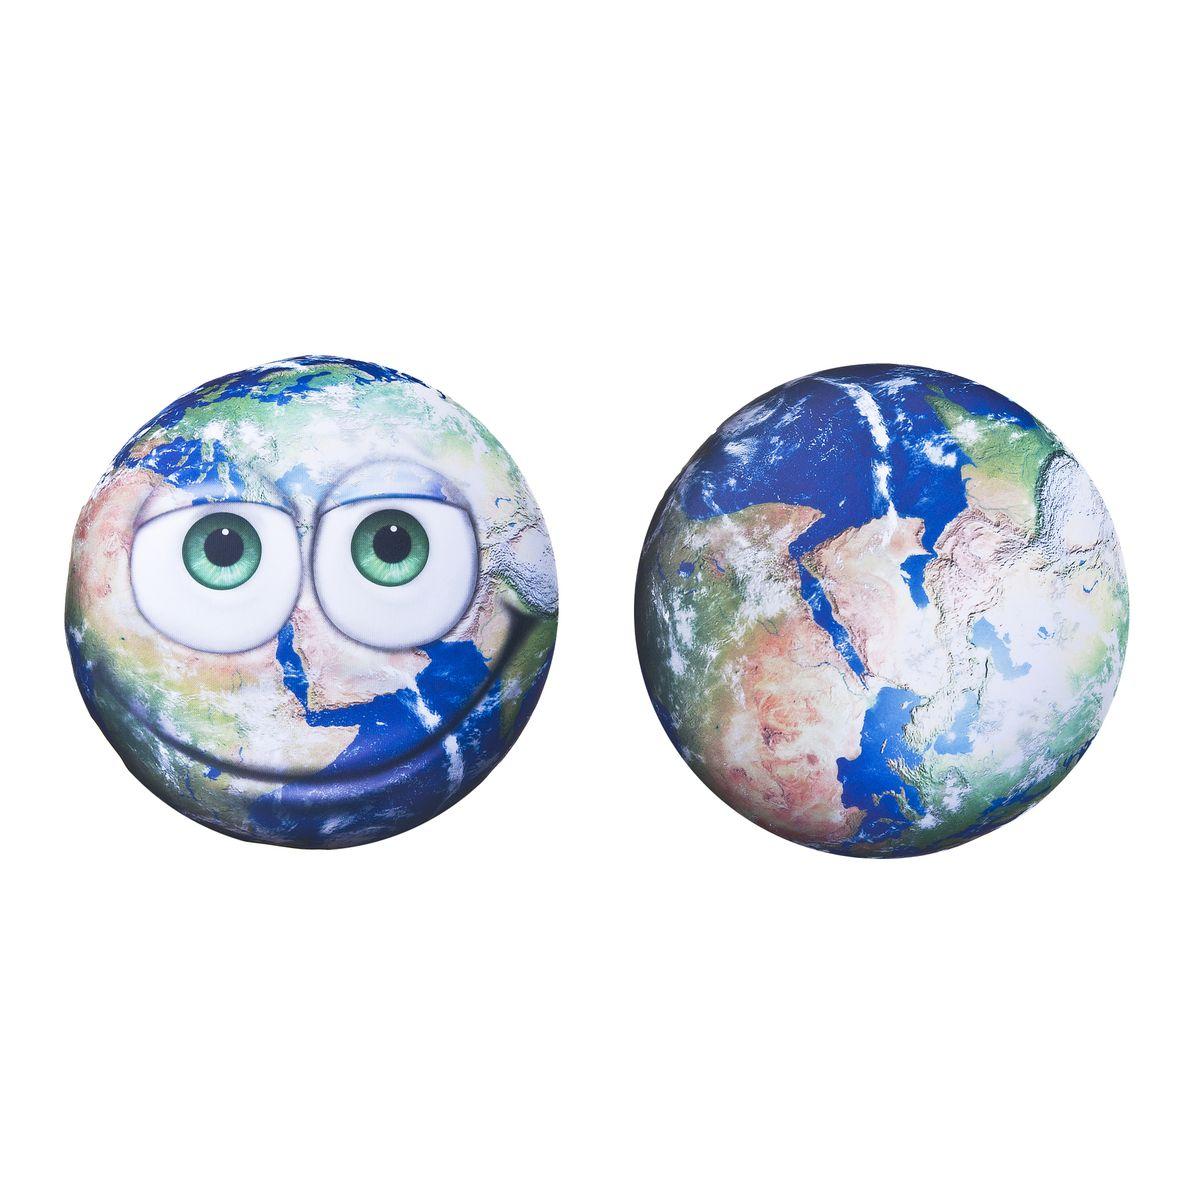 Подушка антистресс круглая Земной шар 30*30см66624Подушка с мягкой пластичной структурой и ярким принтом - это не только антистресс, но и оригинальный аксессуар для интерьера. Отличный подарок для себя и близких.